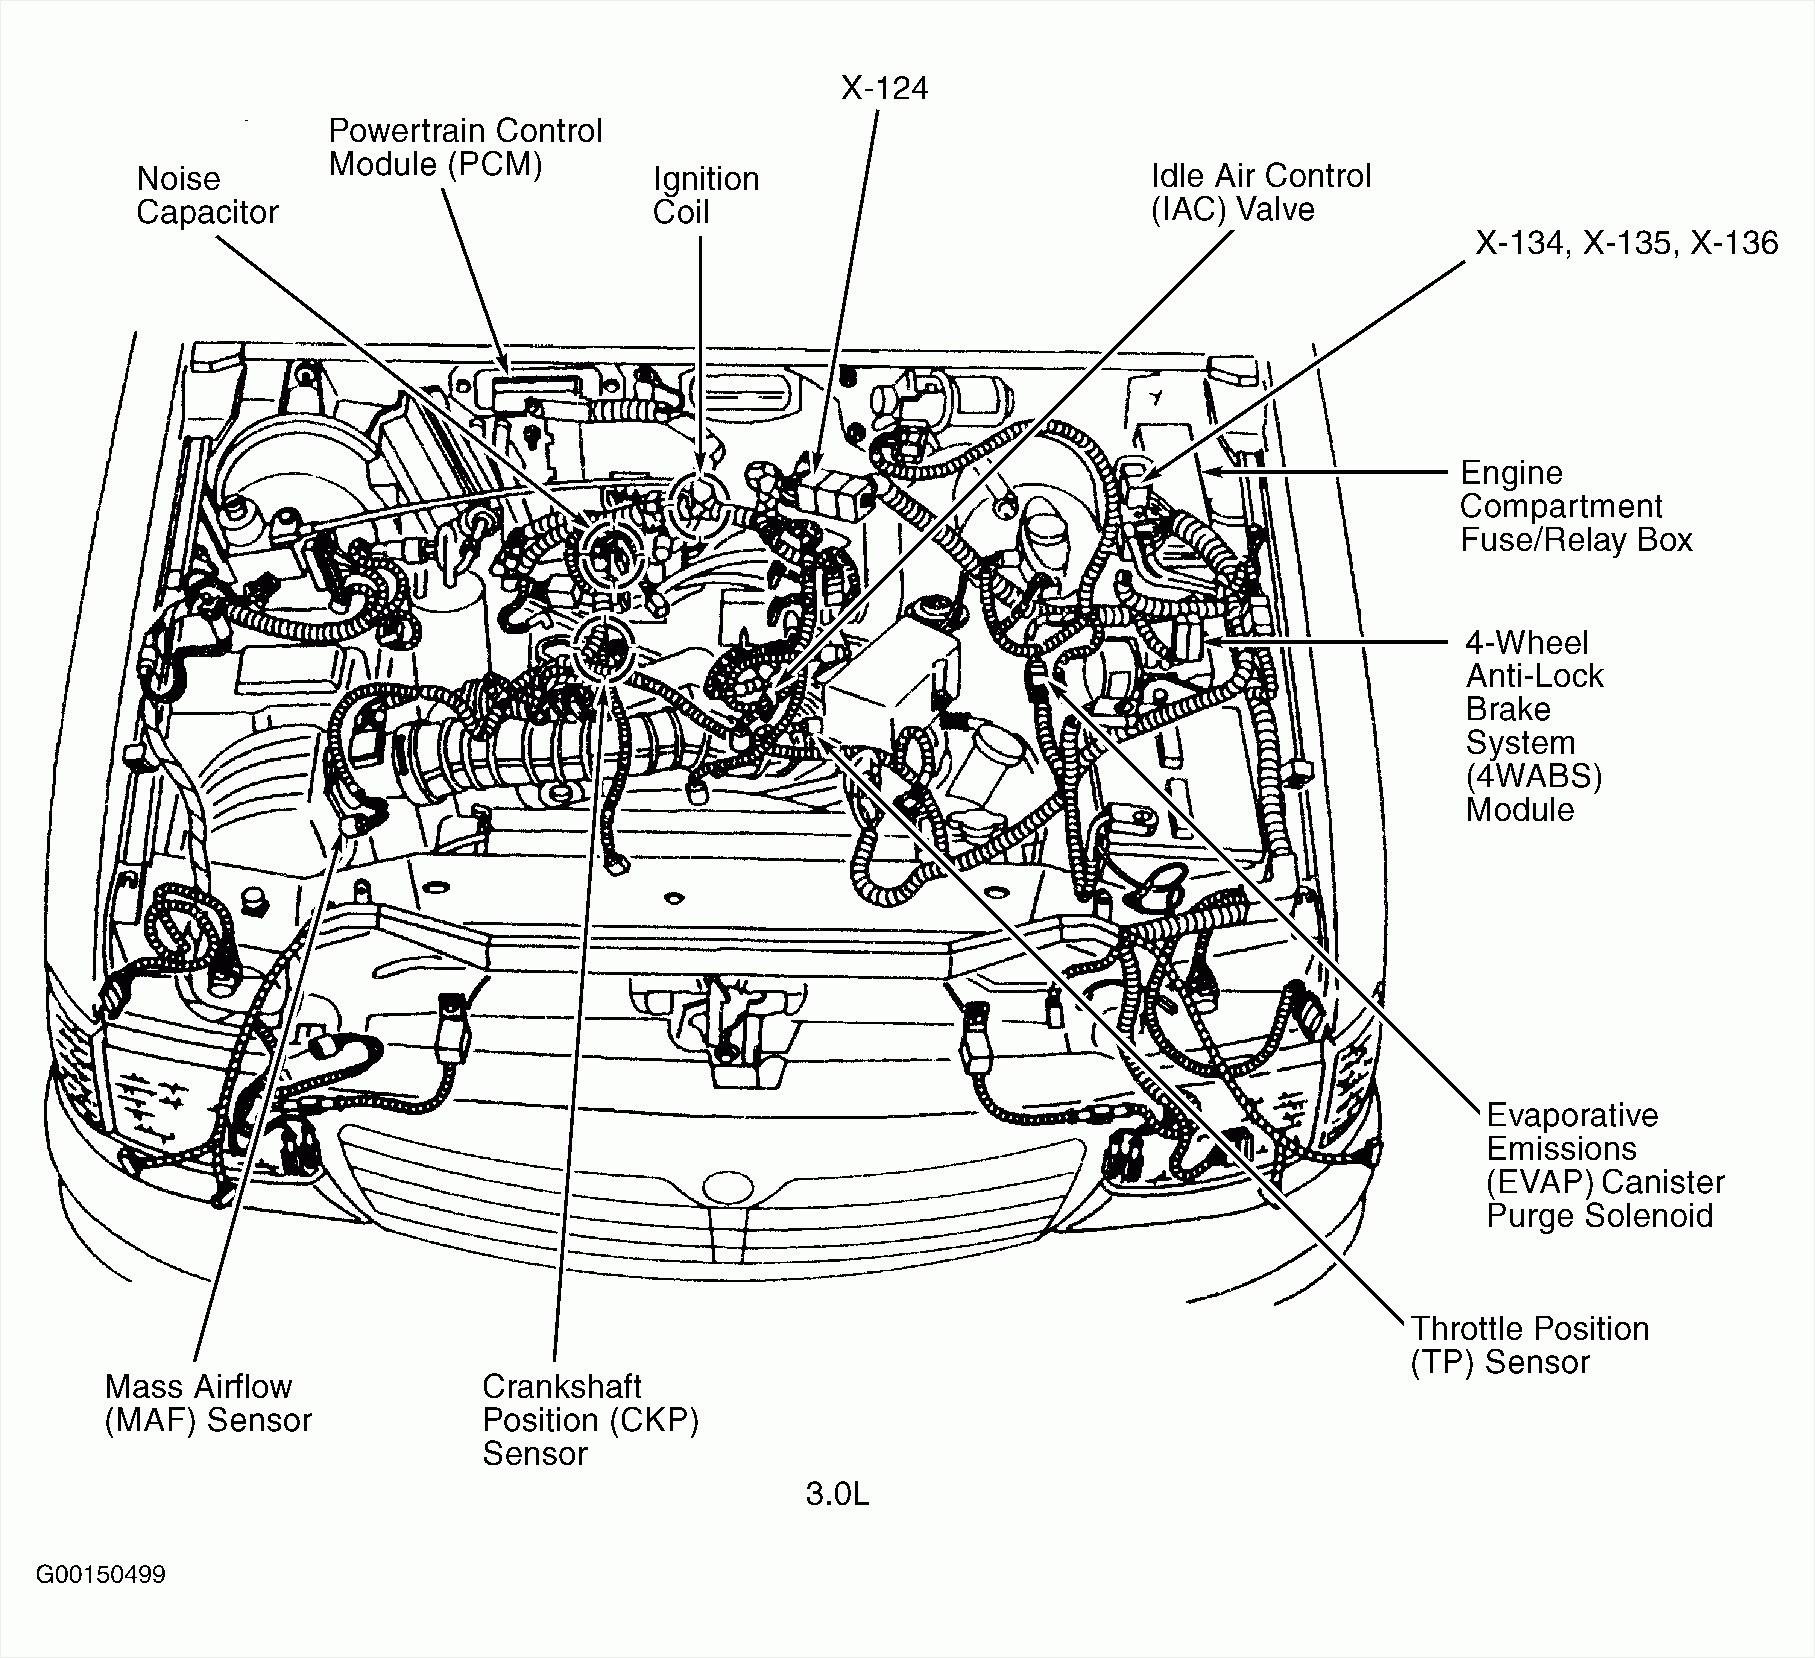 2003 Vw Jetta Engine Diagram Best Wiring Diagrams Button Button Ekoegur Es